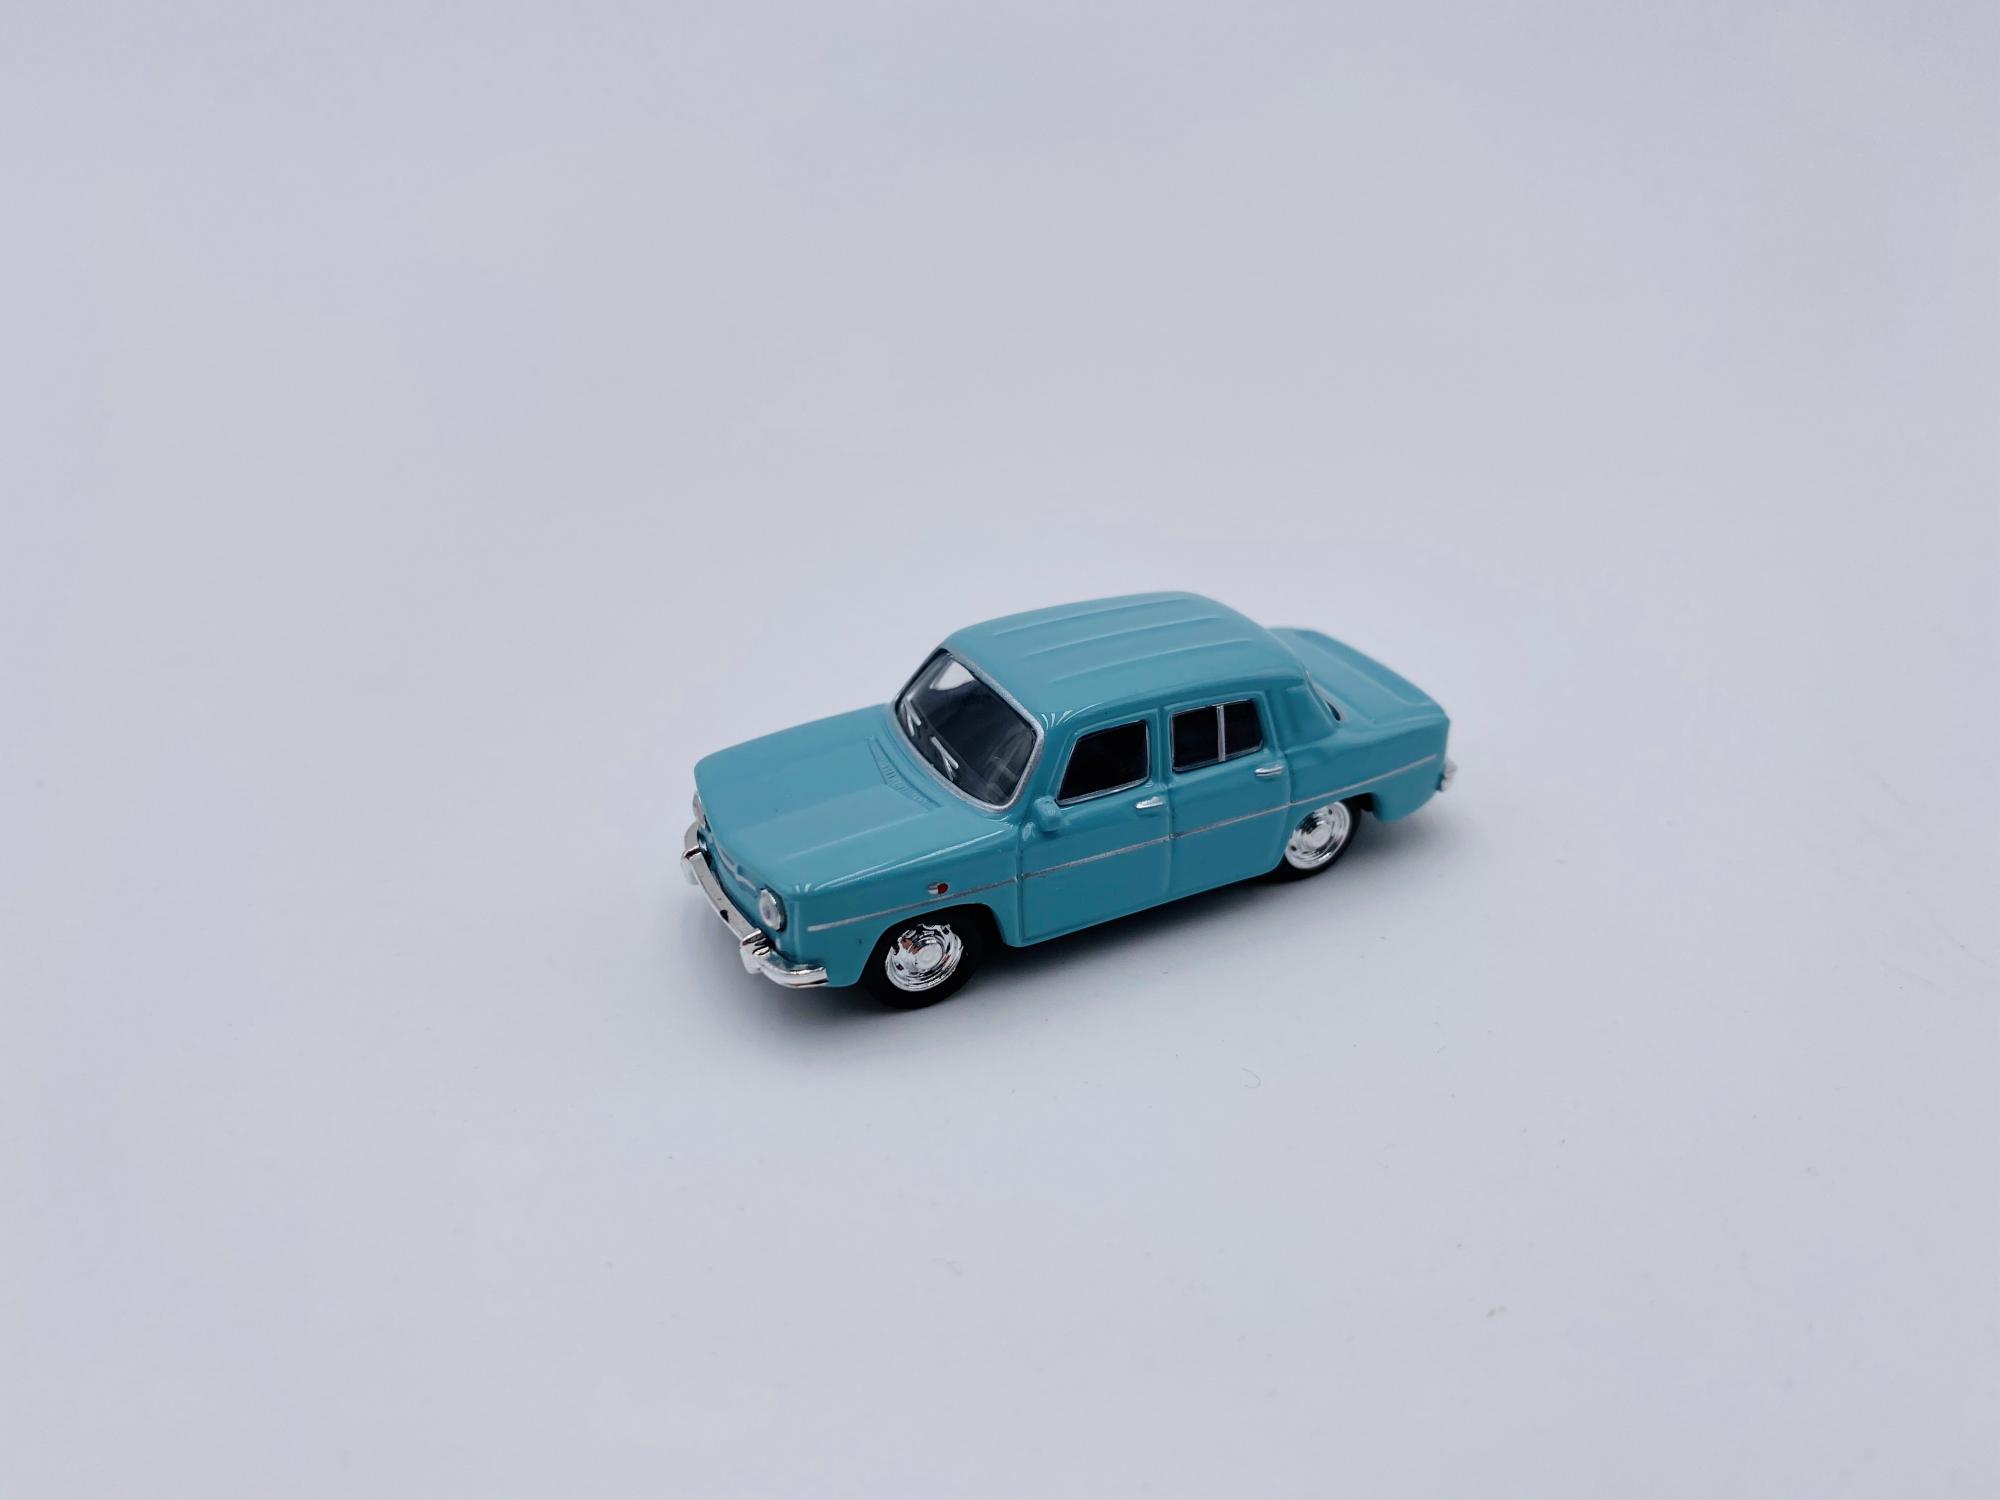 Renault 8 1963 Île de France Blue